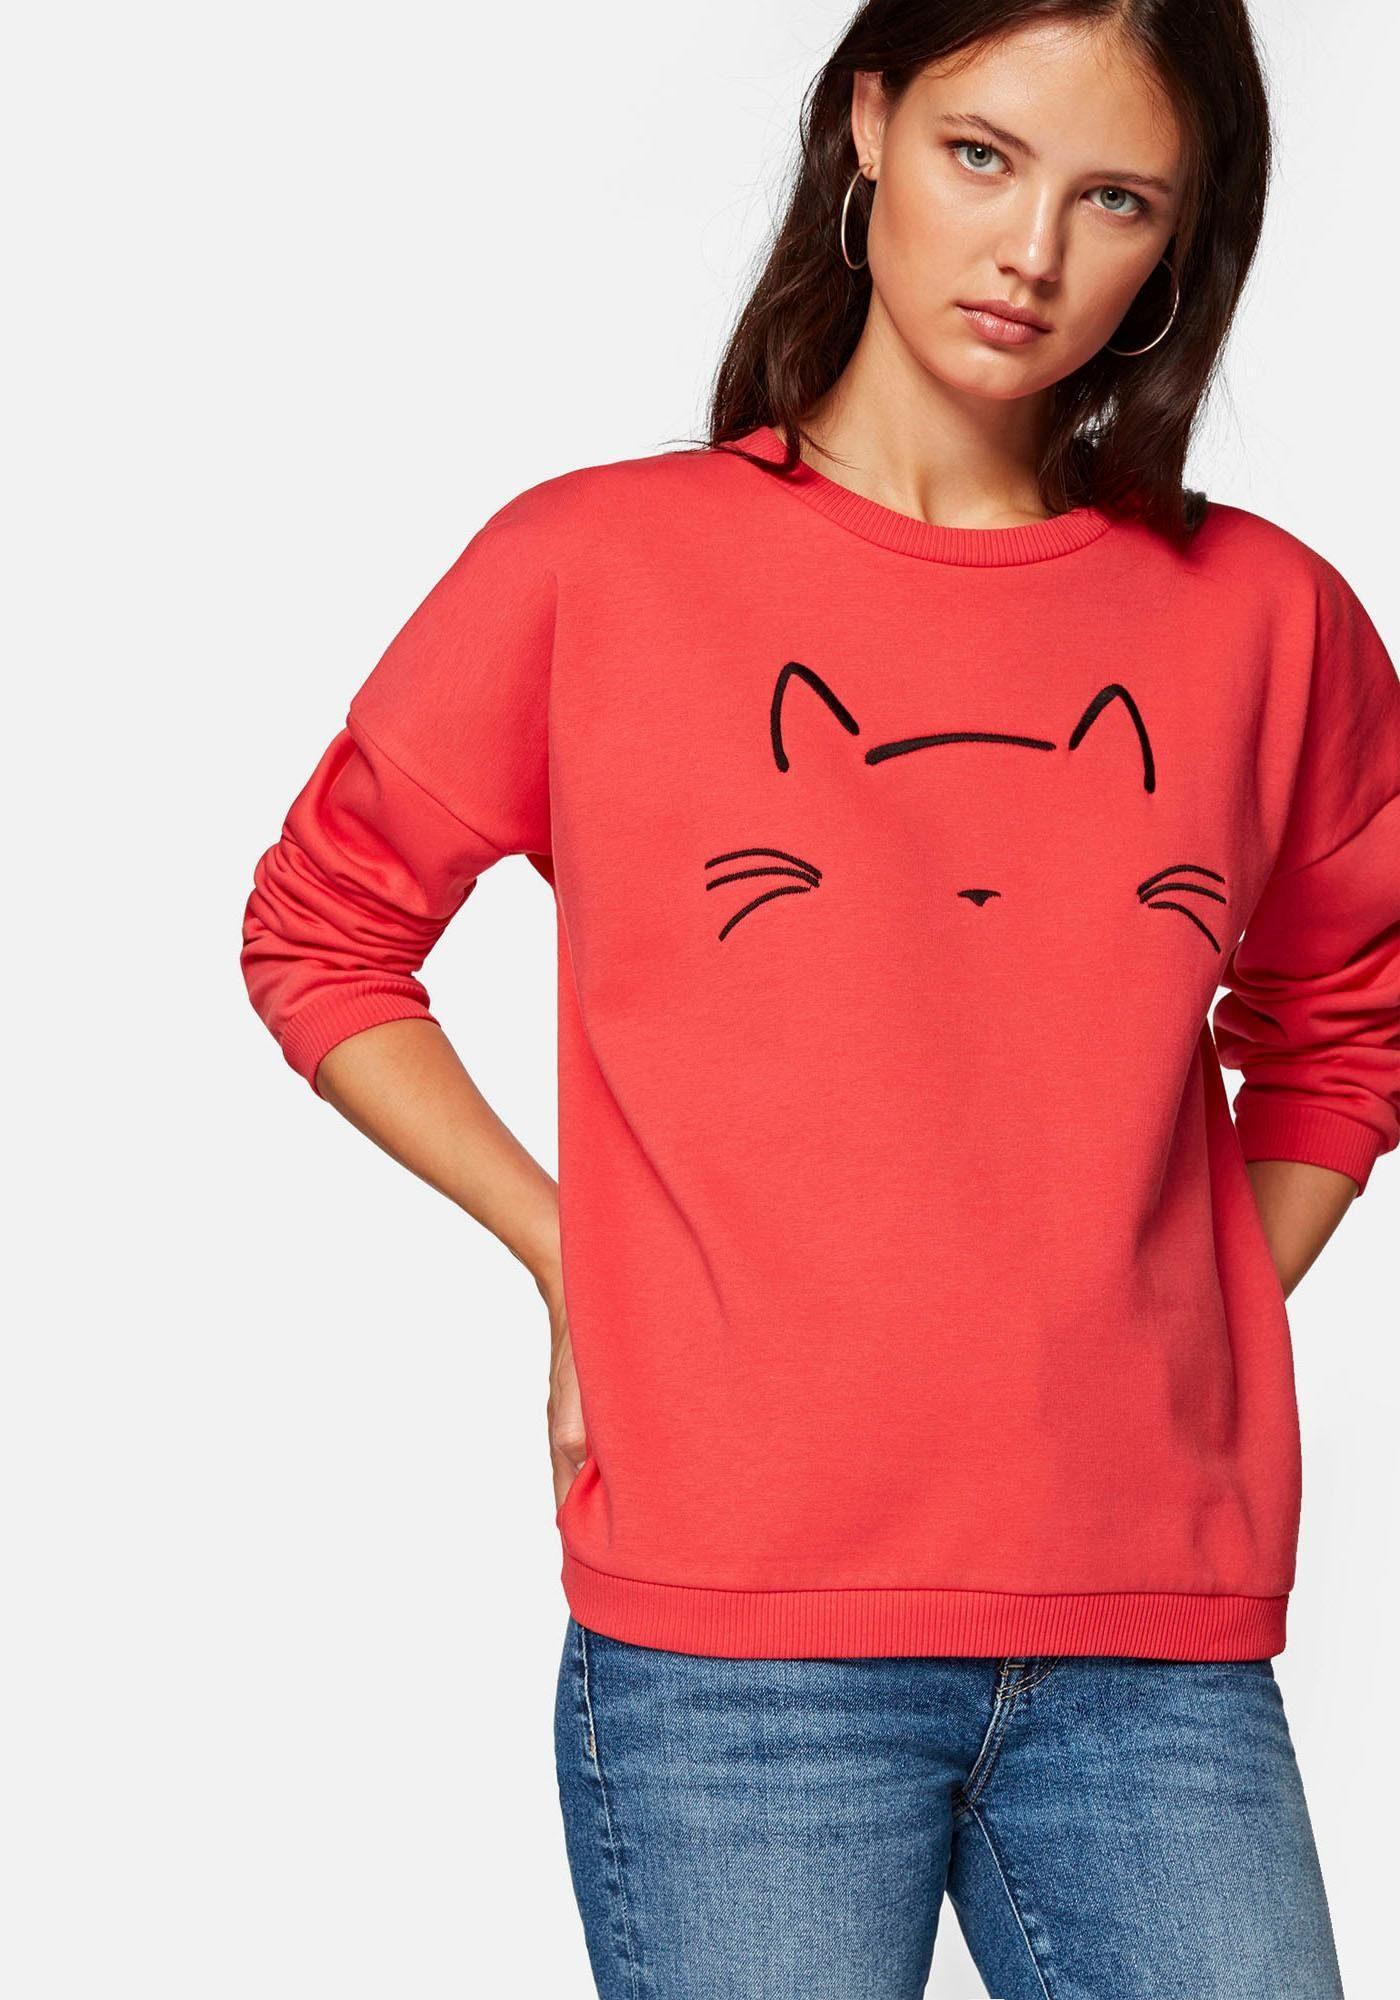 Mavi Sweatshirt »CAT EMBROIDERED SWEATSHIRT« mit stylischen Katzen Stickerei online kaufen | OTTO